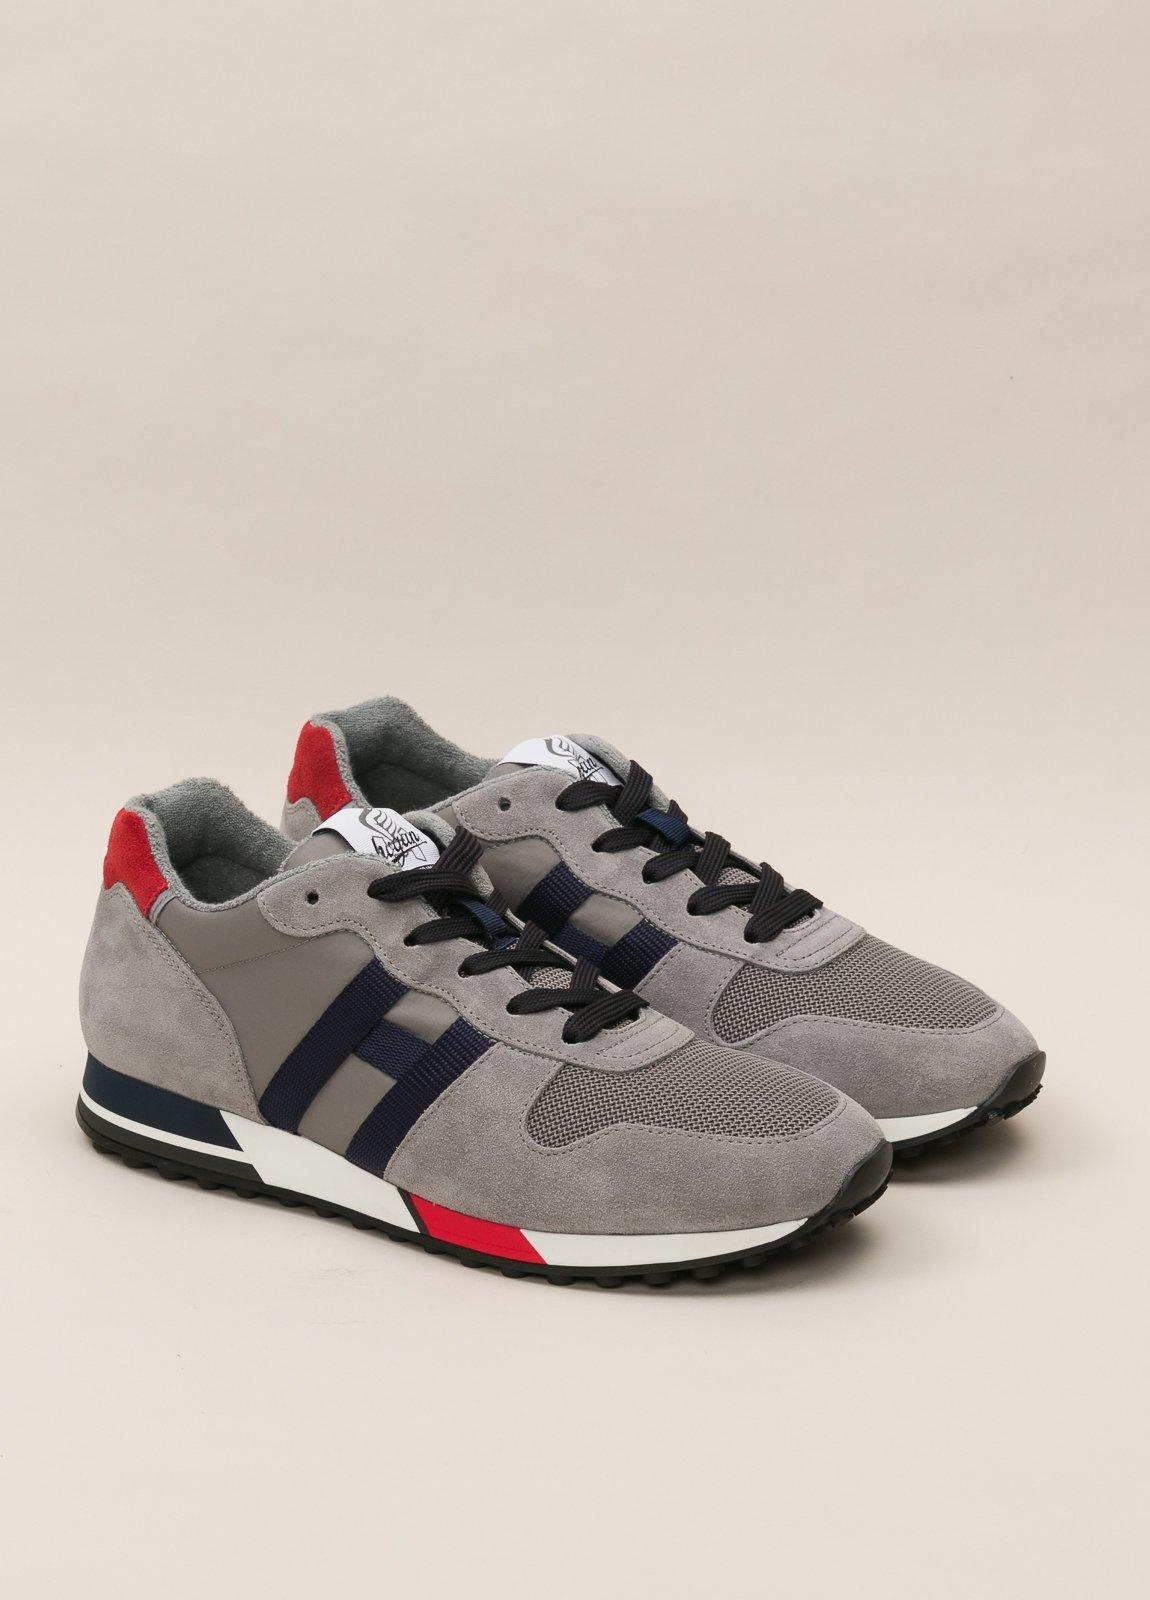 Zapatillas deportivas HOGAN gris y rojo - Ítem3